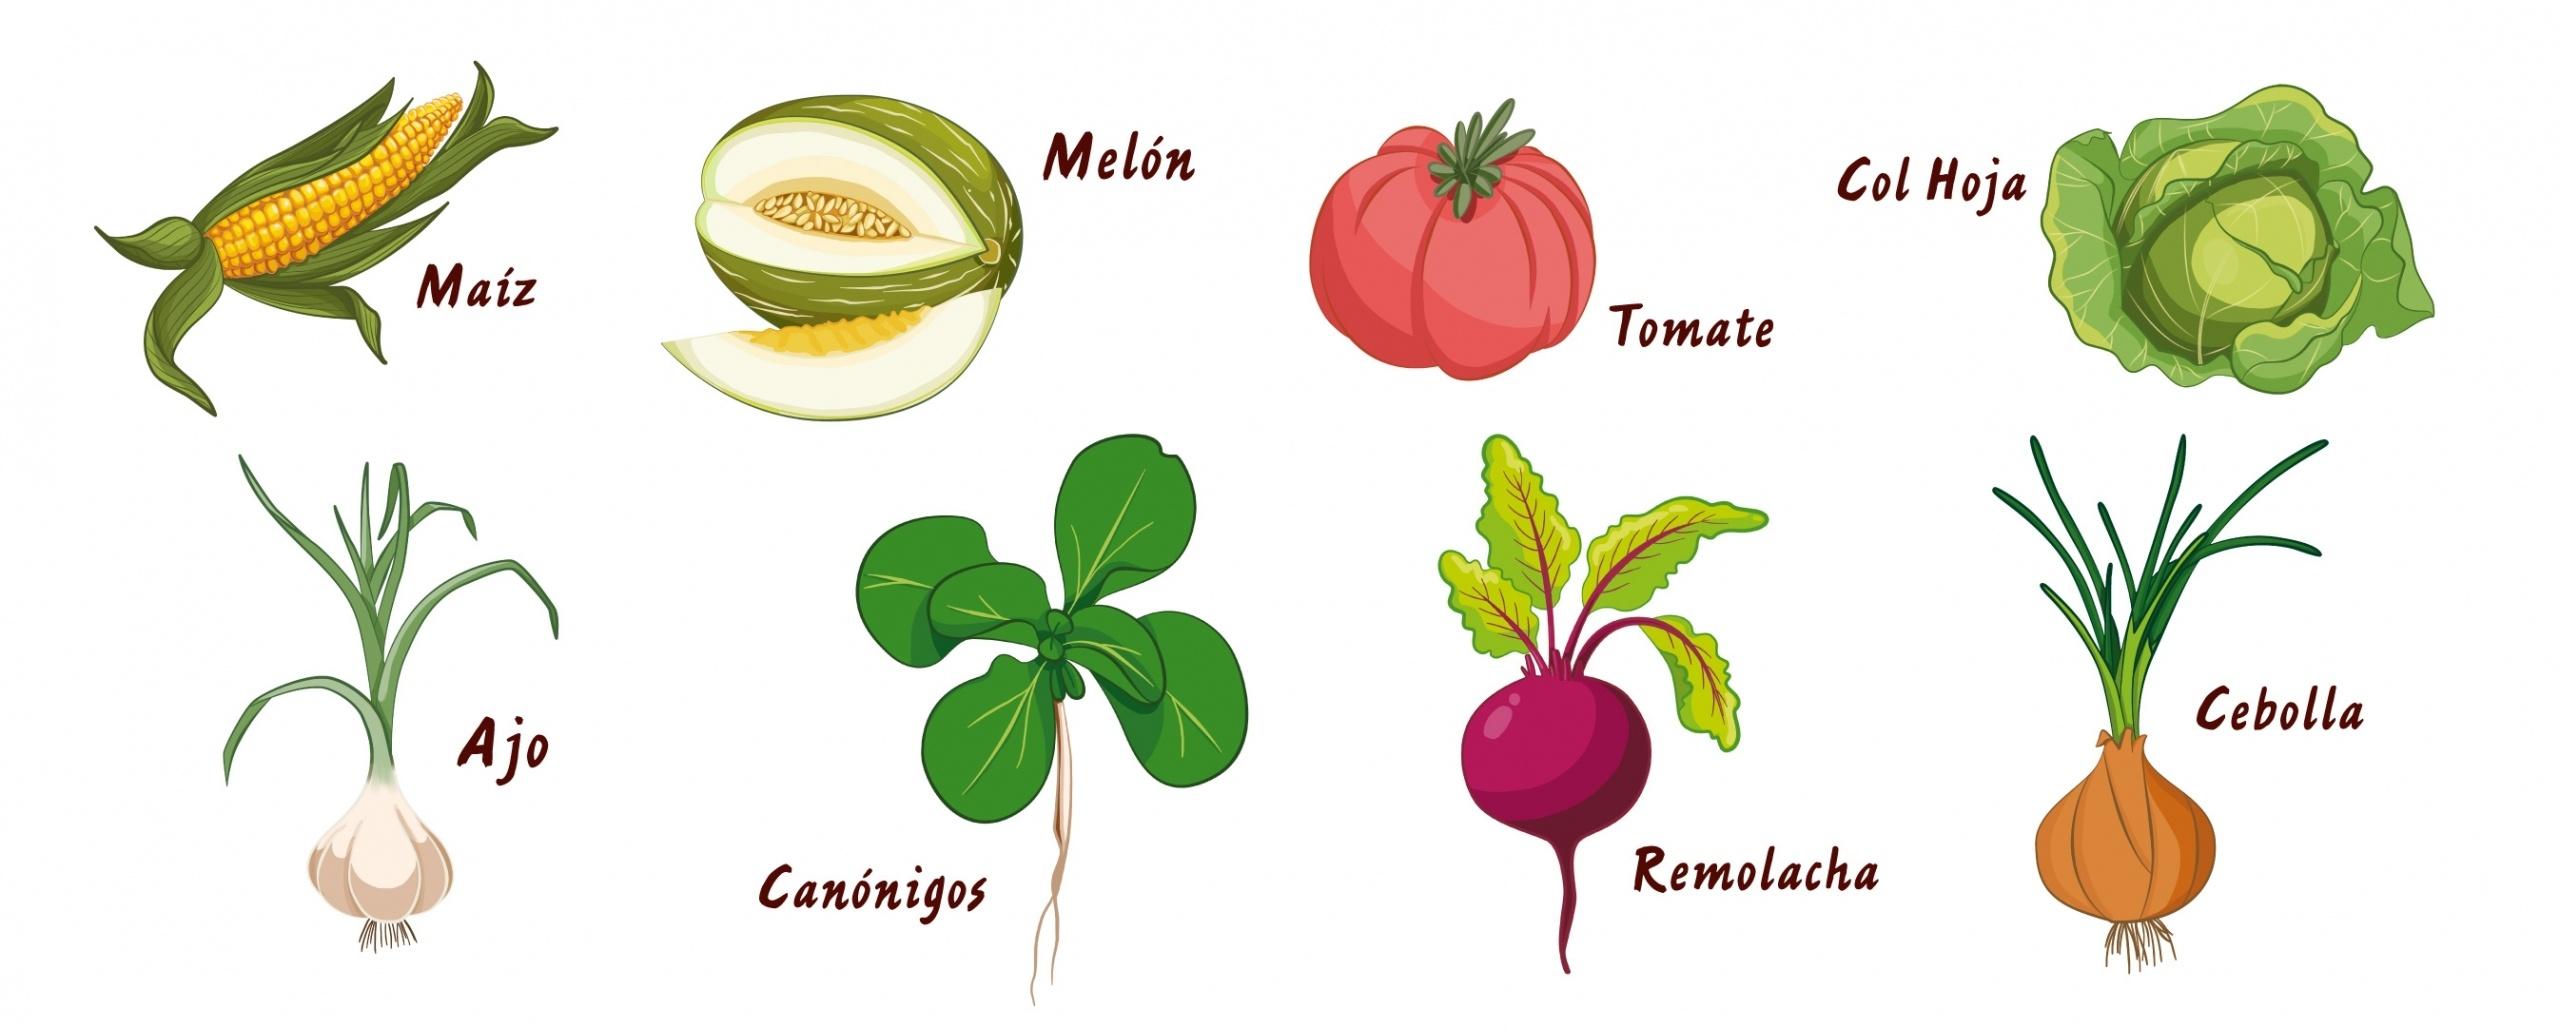 ilustracion frutas y hortalizas